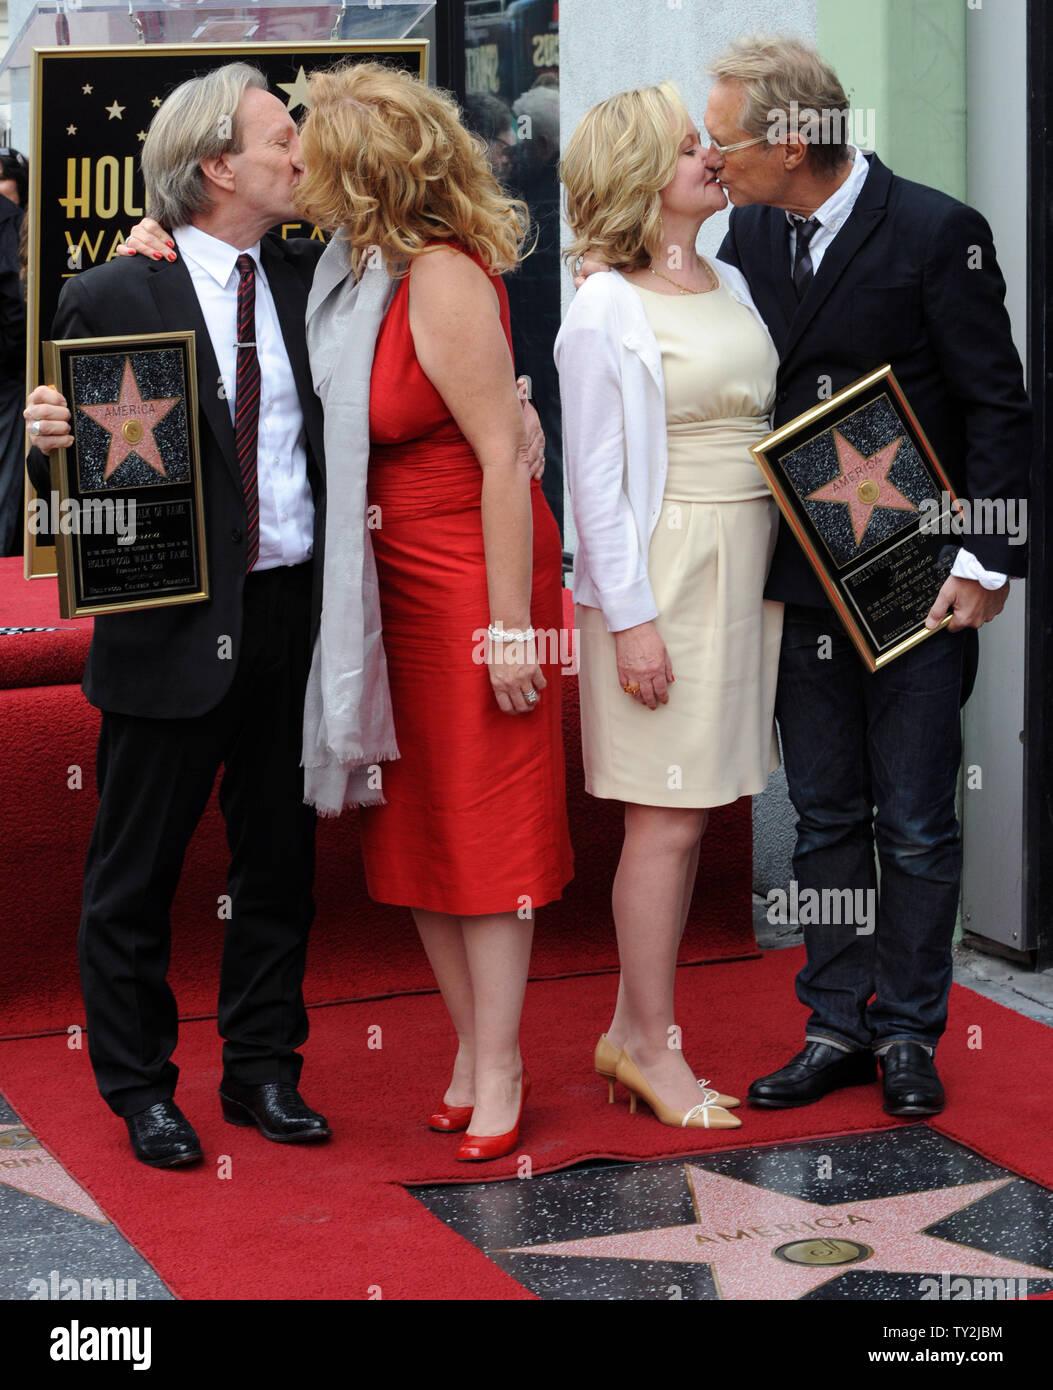 """Dewey Bunnell (L) y Gerry Beckley (R), miembros del grupo de rock clásico y ganador de un premio Grammy, """"el dúo América, sujetar placas de réplica después de que fueron honrados con el 2,459th estrella en el Paseo de la Fama de Hollywood durante una ceremonia en Los Angeles el 6 de febrero de 2012. Bunnell y Beckley se muestren con sus esposas Penny (2nd-L) y Kathy (3RD-L). UPI/Jim Ruymen Imagen De Stock"""